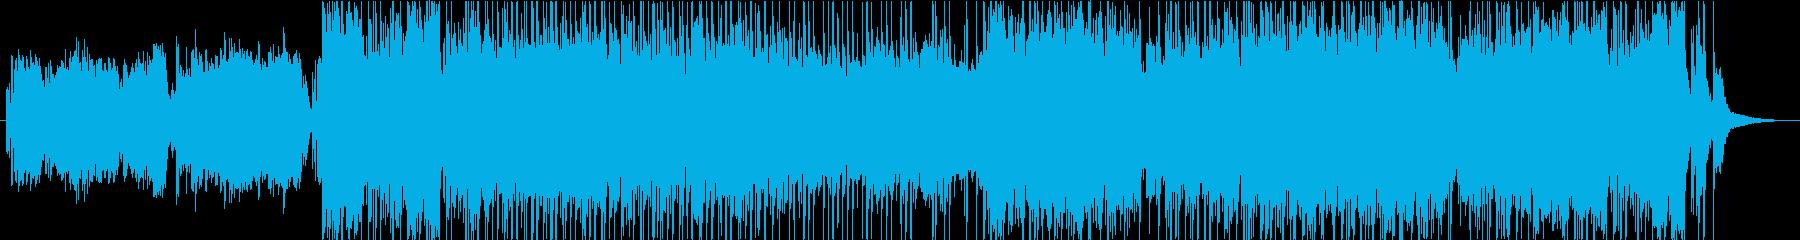 様々な民族楽器を混合したシルクロード曲の再生済みの波形